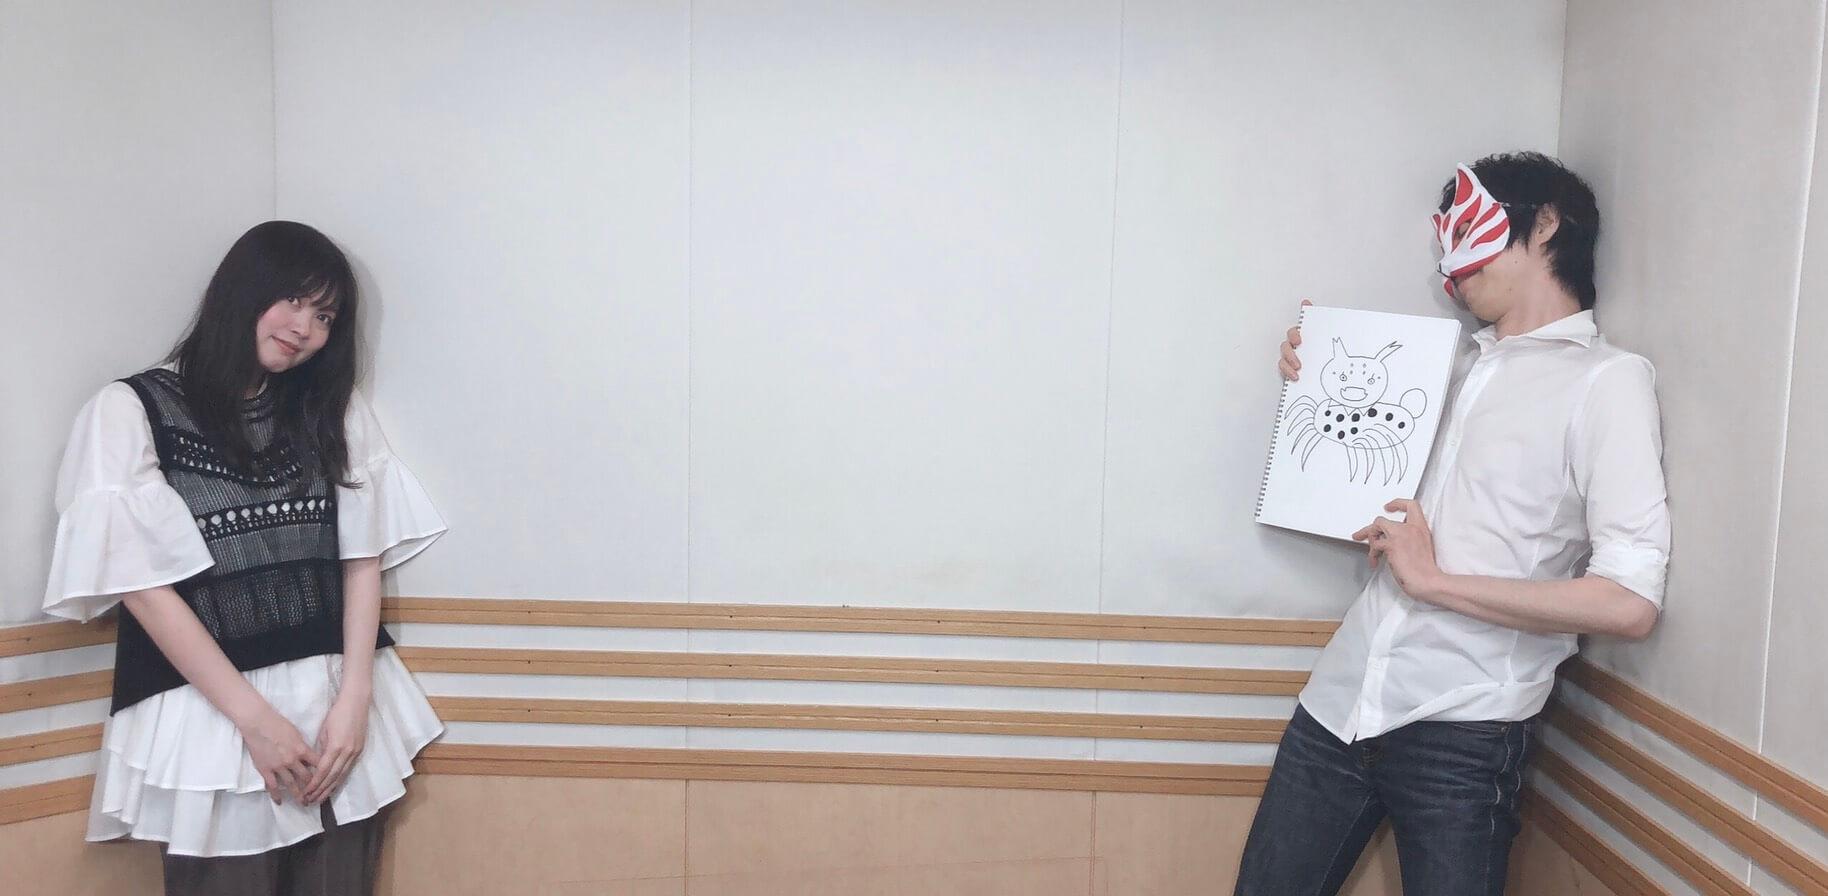 【伊東歌詞太郎のTHE CATCH】#32 放送後記